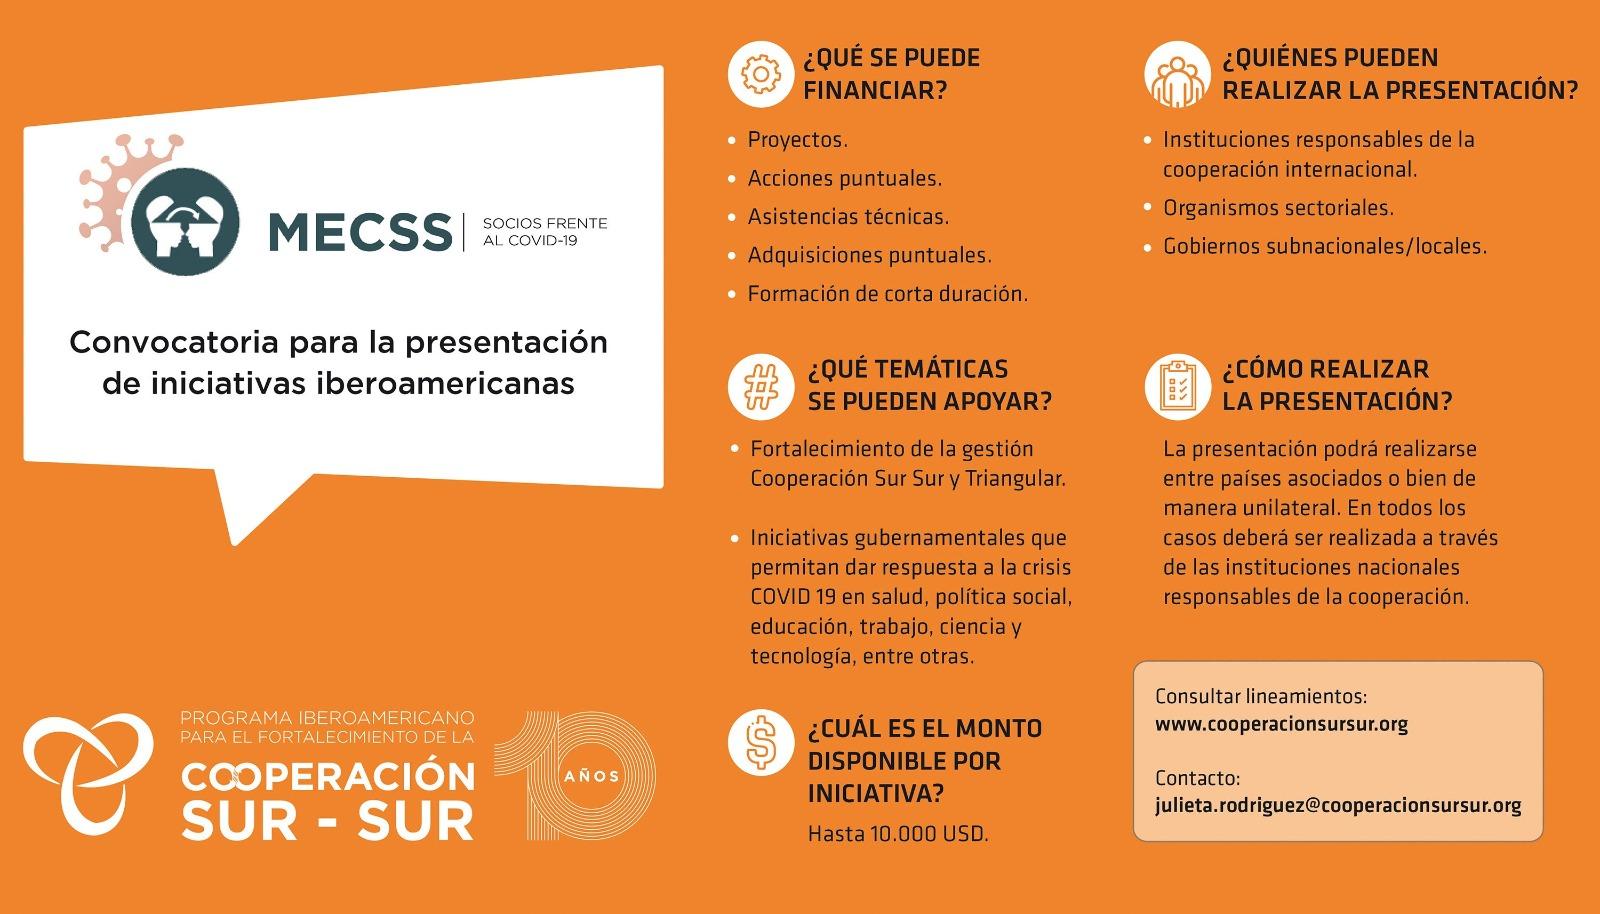 CooperaciónSurSur_detalles Socios frente al COVID